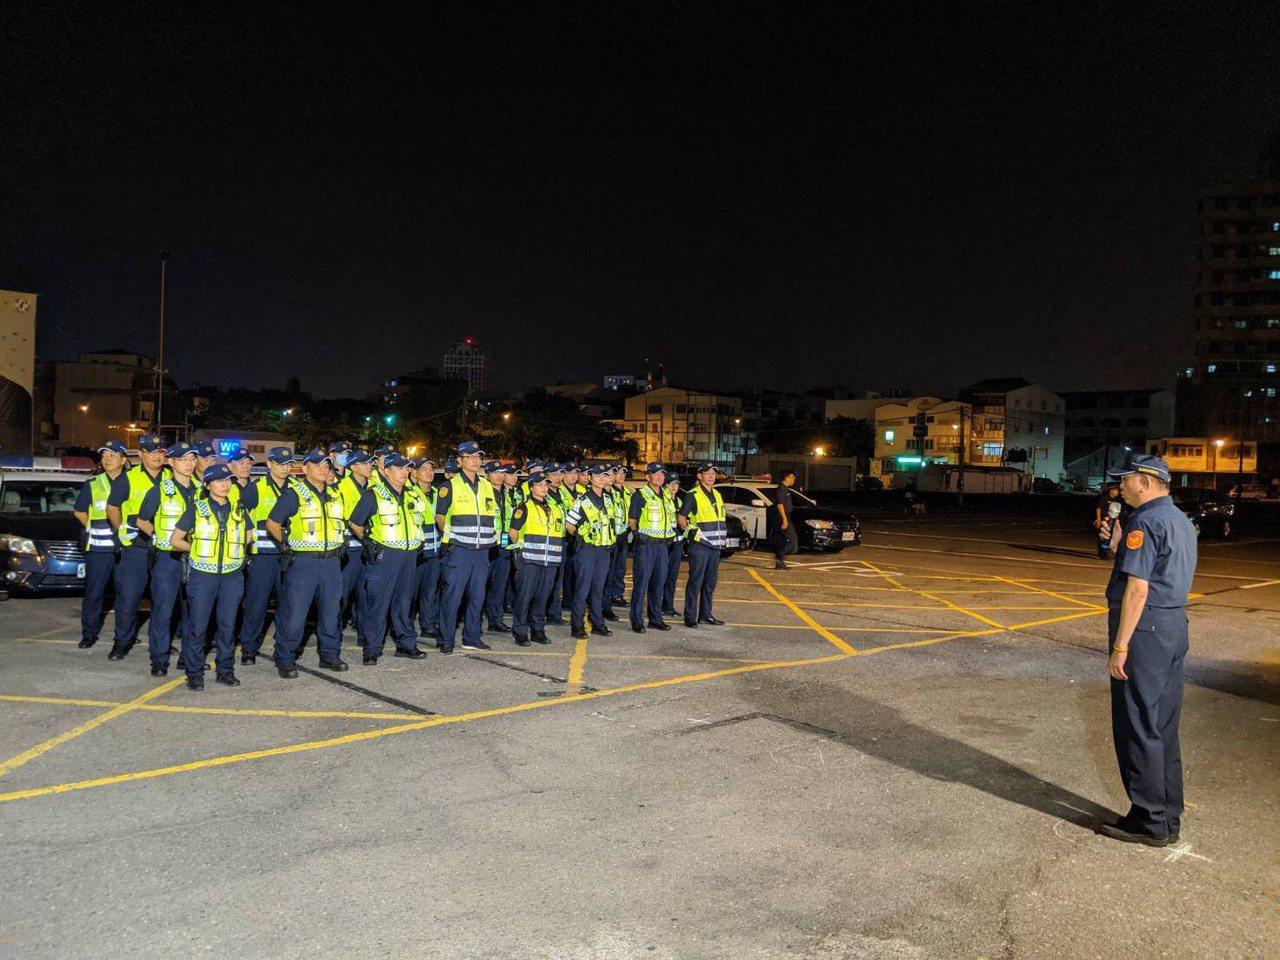 台南市警二分局為遏止酒駕行為及宣示執法決心,今天晚上在轄區武聖路「武聖夜市」廣場...